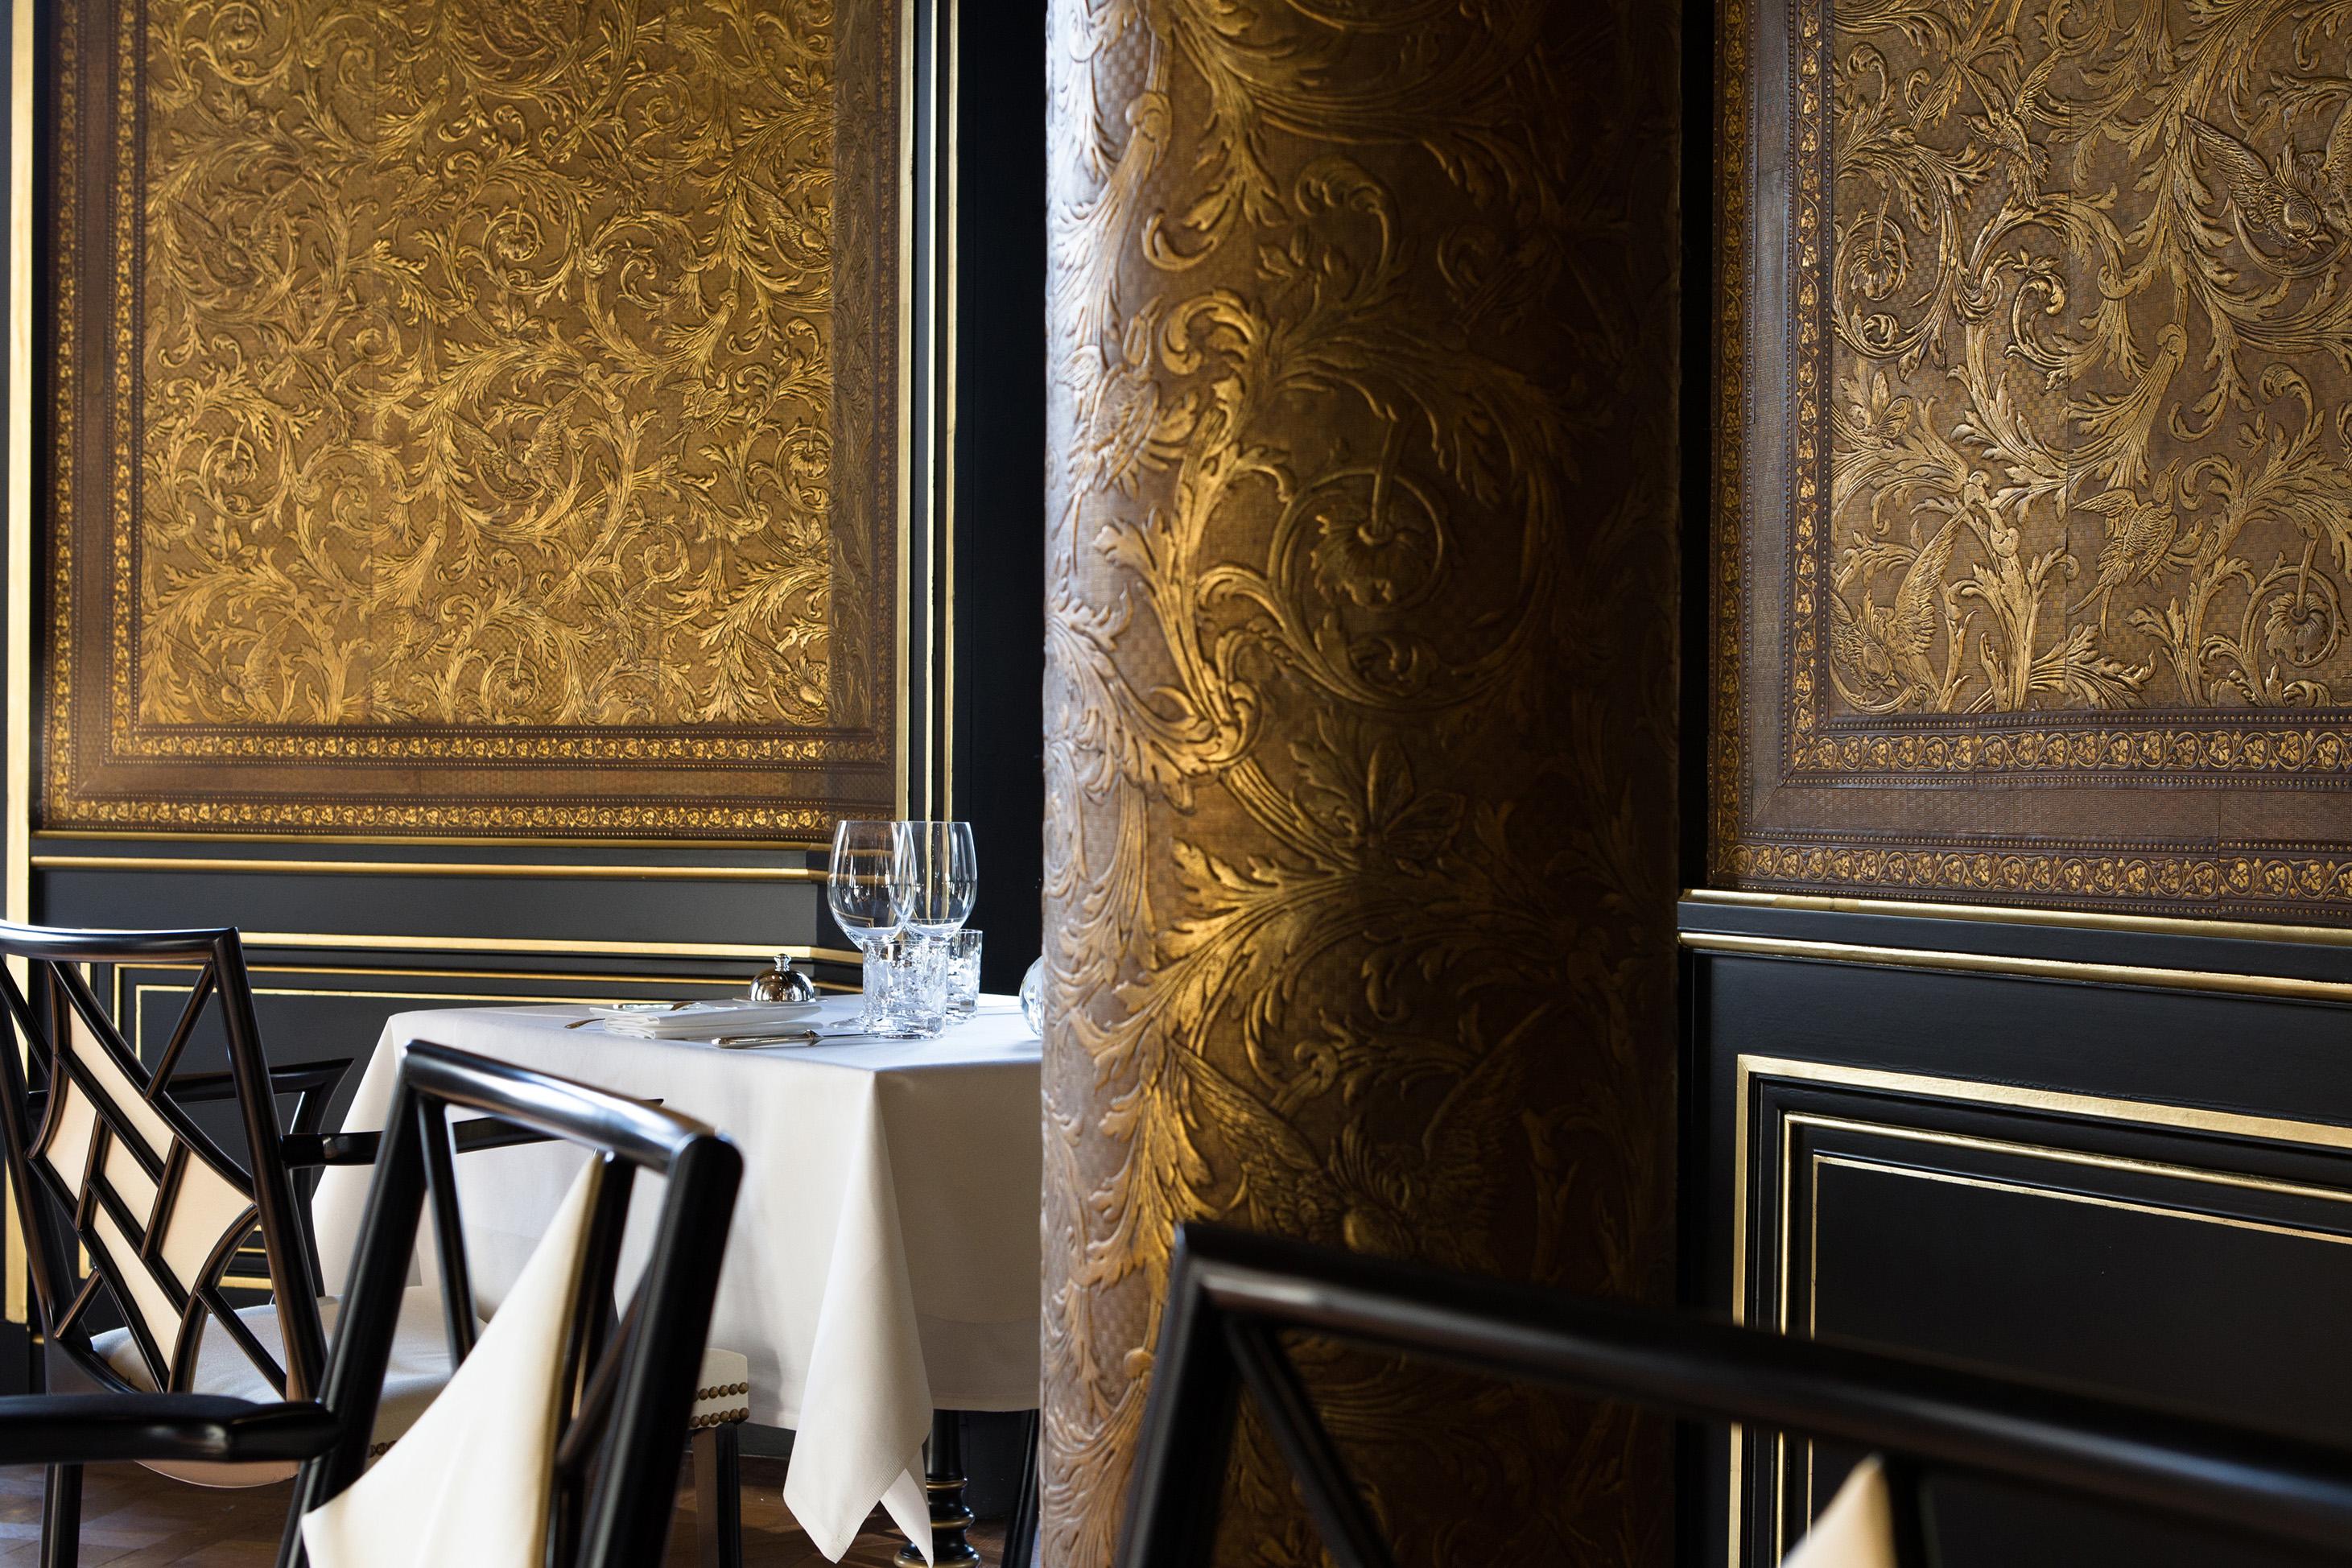 la r serve paris h tel spa palace restaurant le gabriel paris frivole. Black Bedroom Furniture Sets. Home Design Ideas